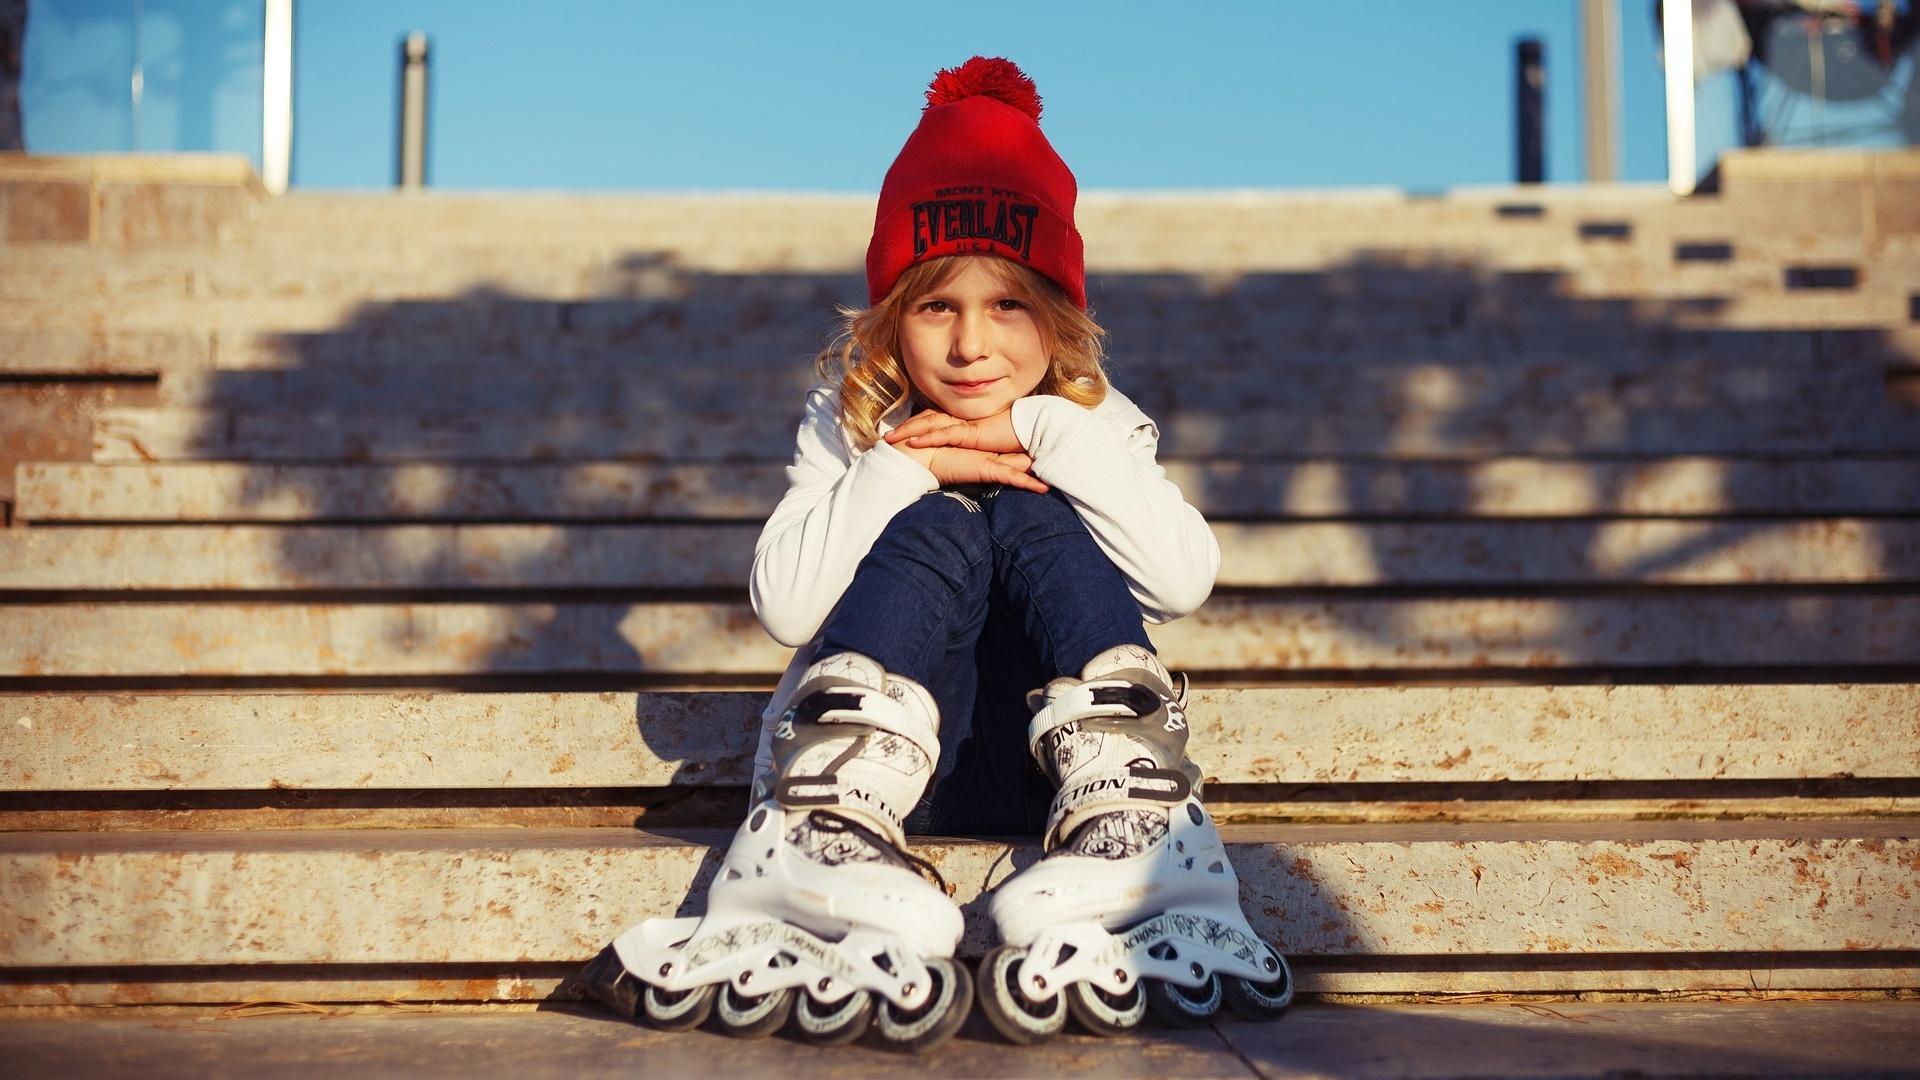 Kindersicherung: Treppe kindersicher machen - so geht's